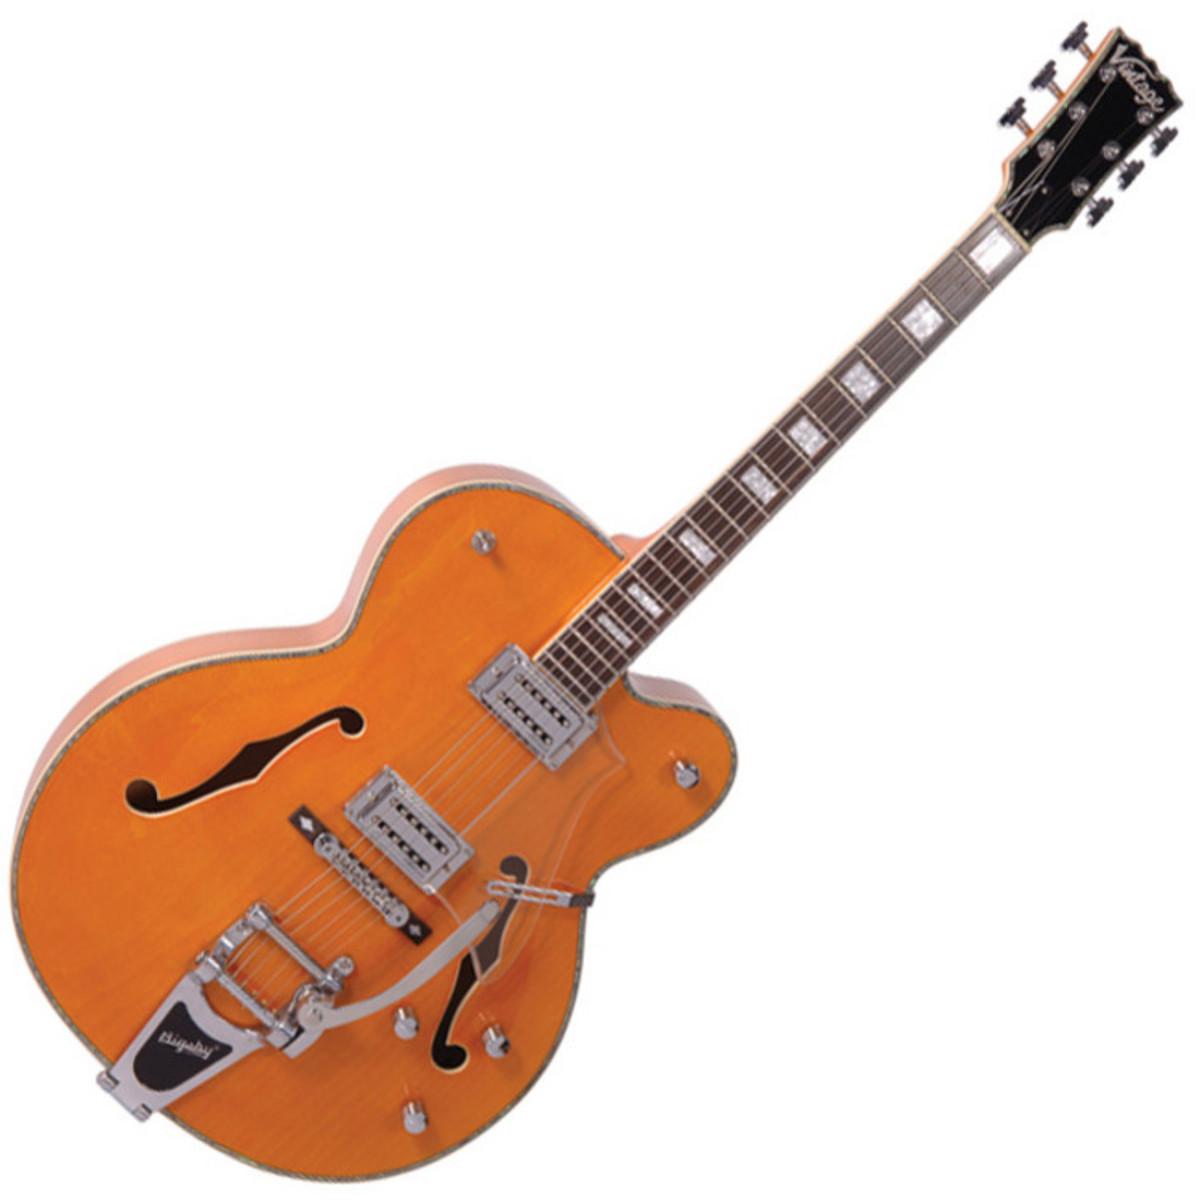 Ventas de guitarra vintage condado de naranja